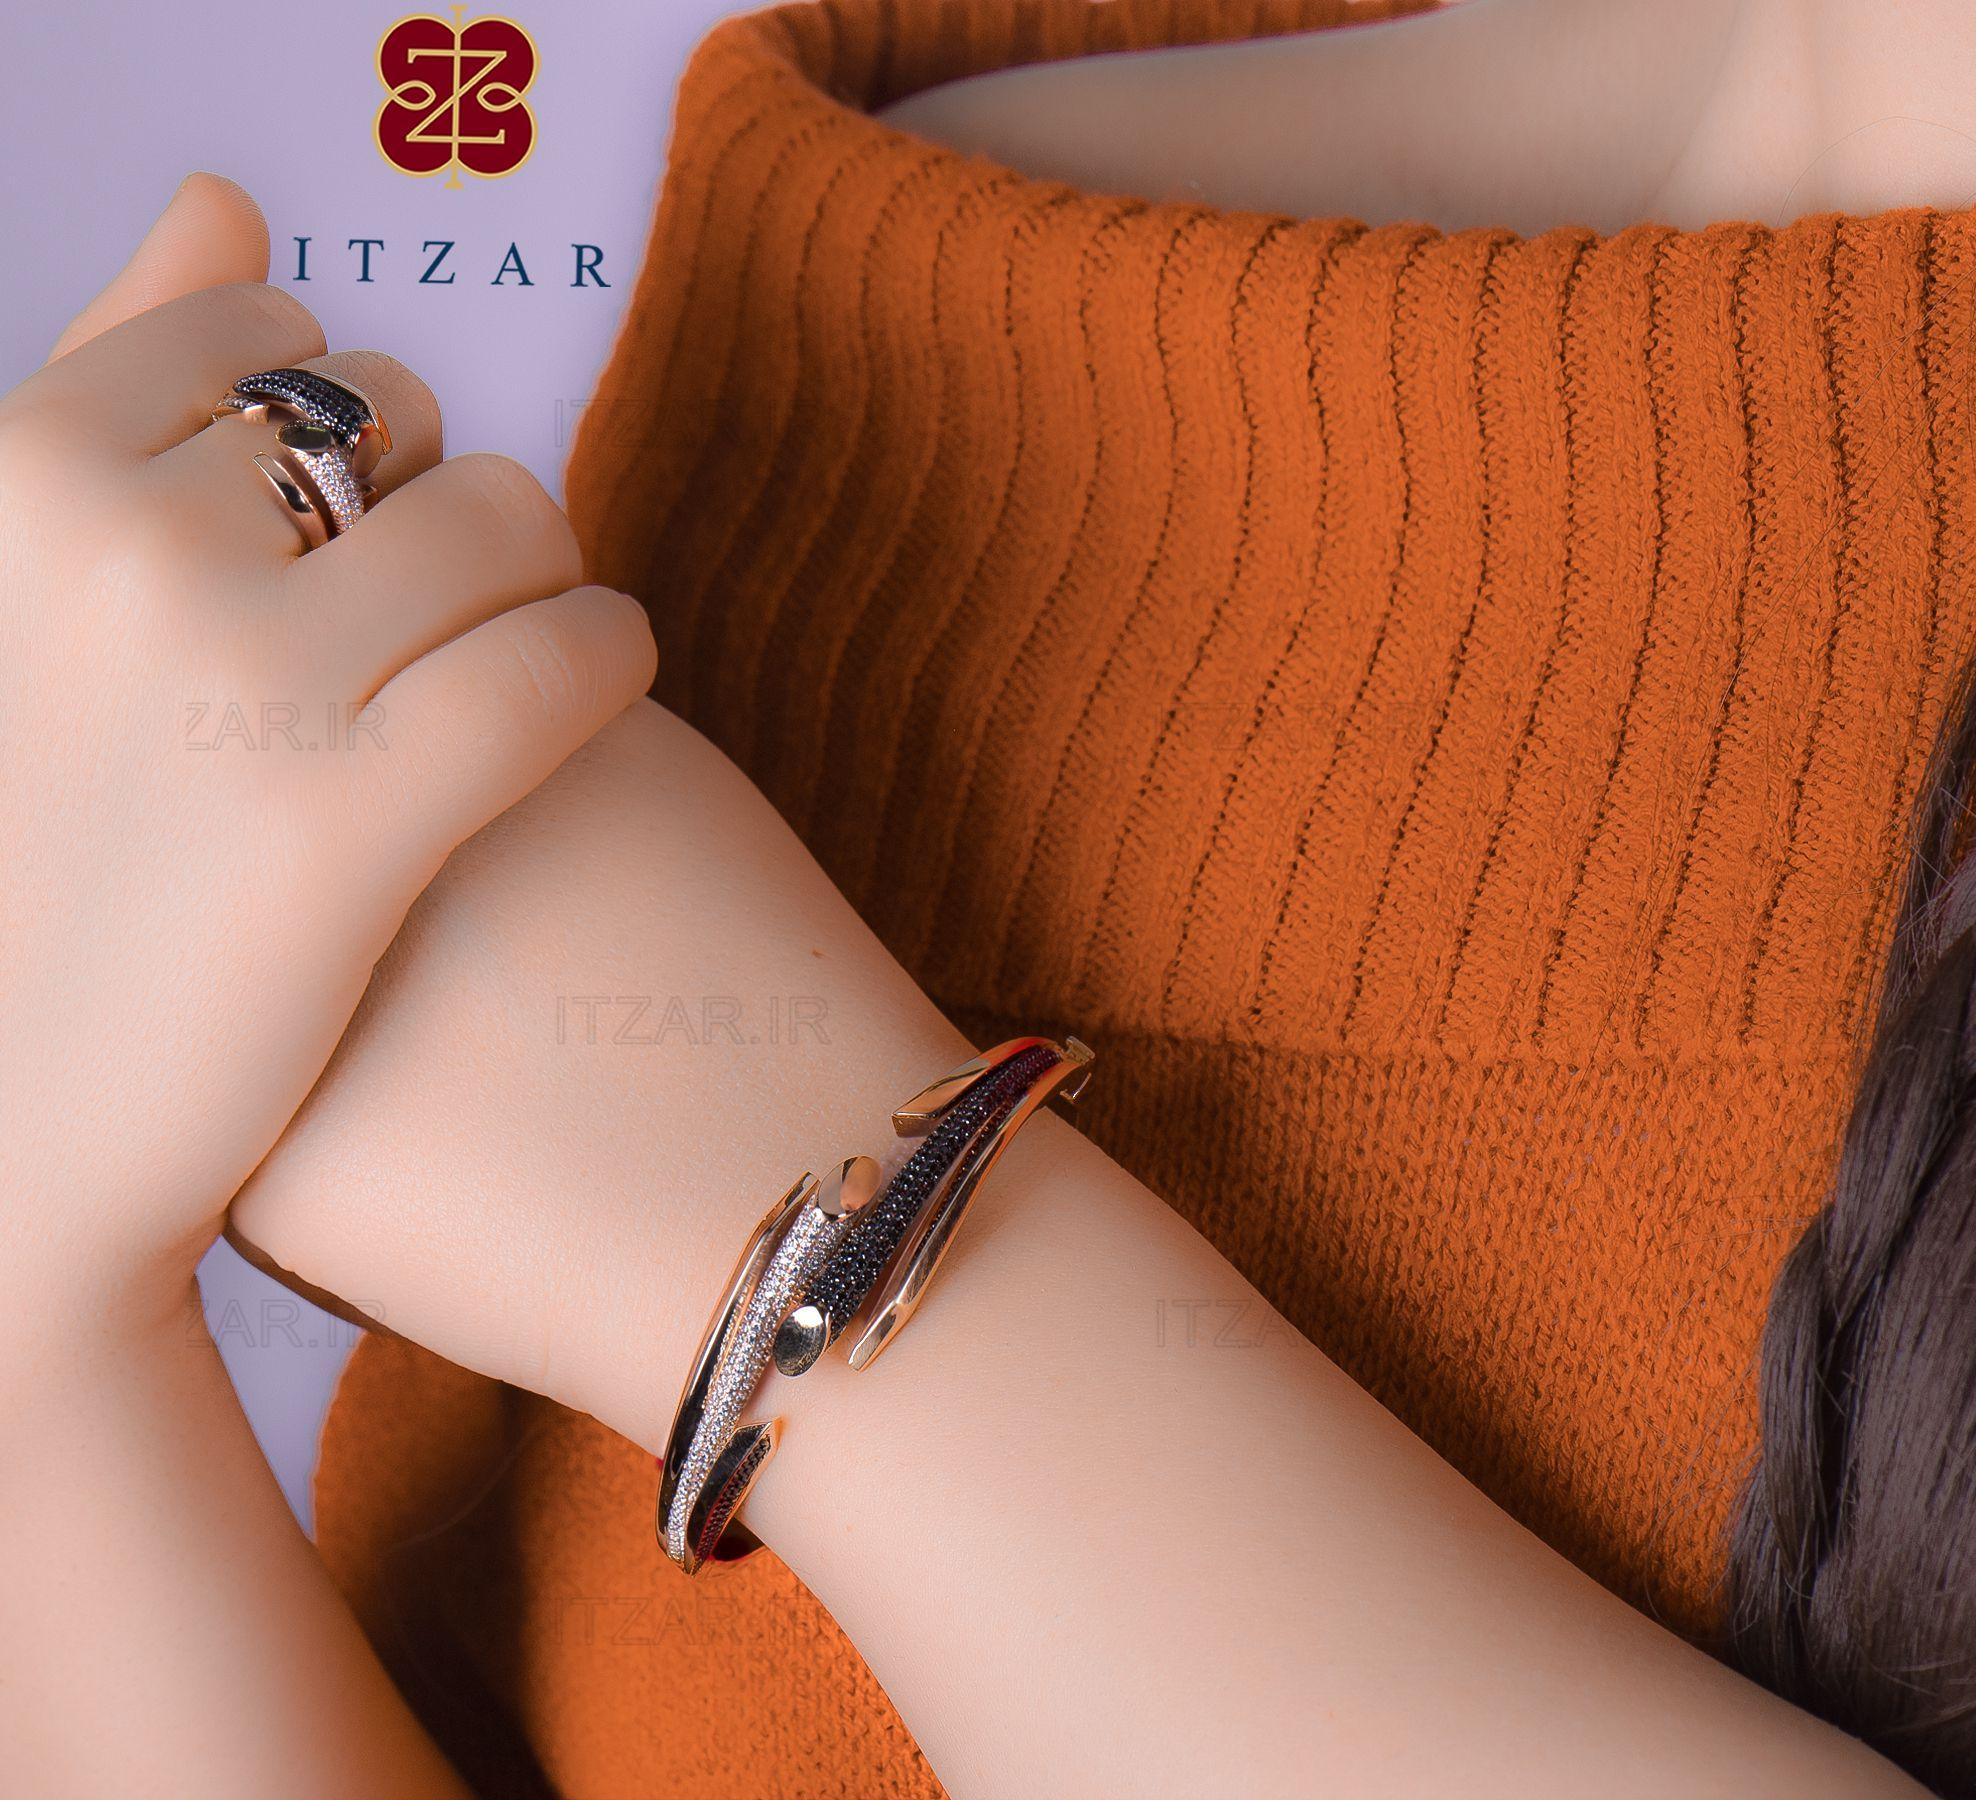 دستیند انگشتری - تیفانی